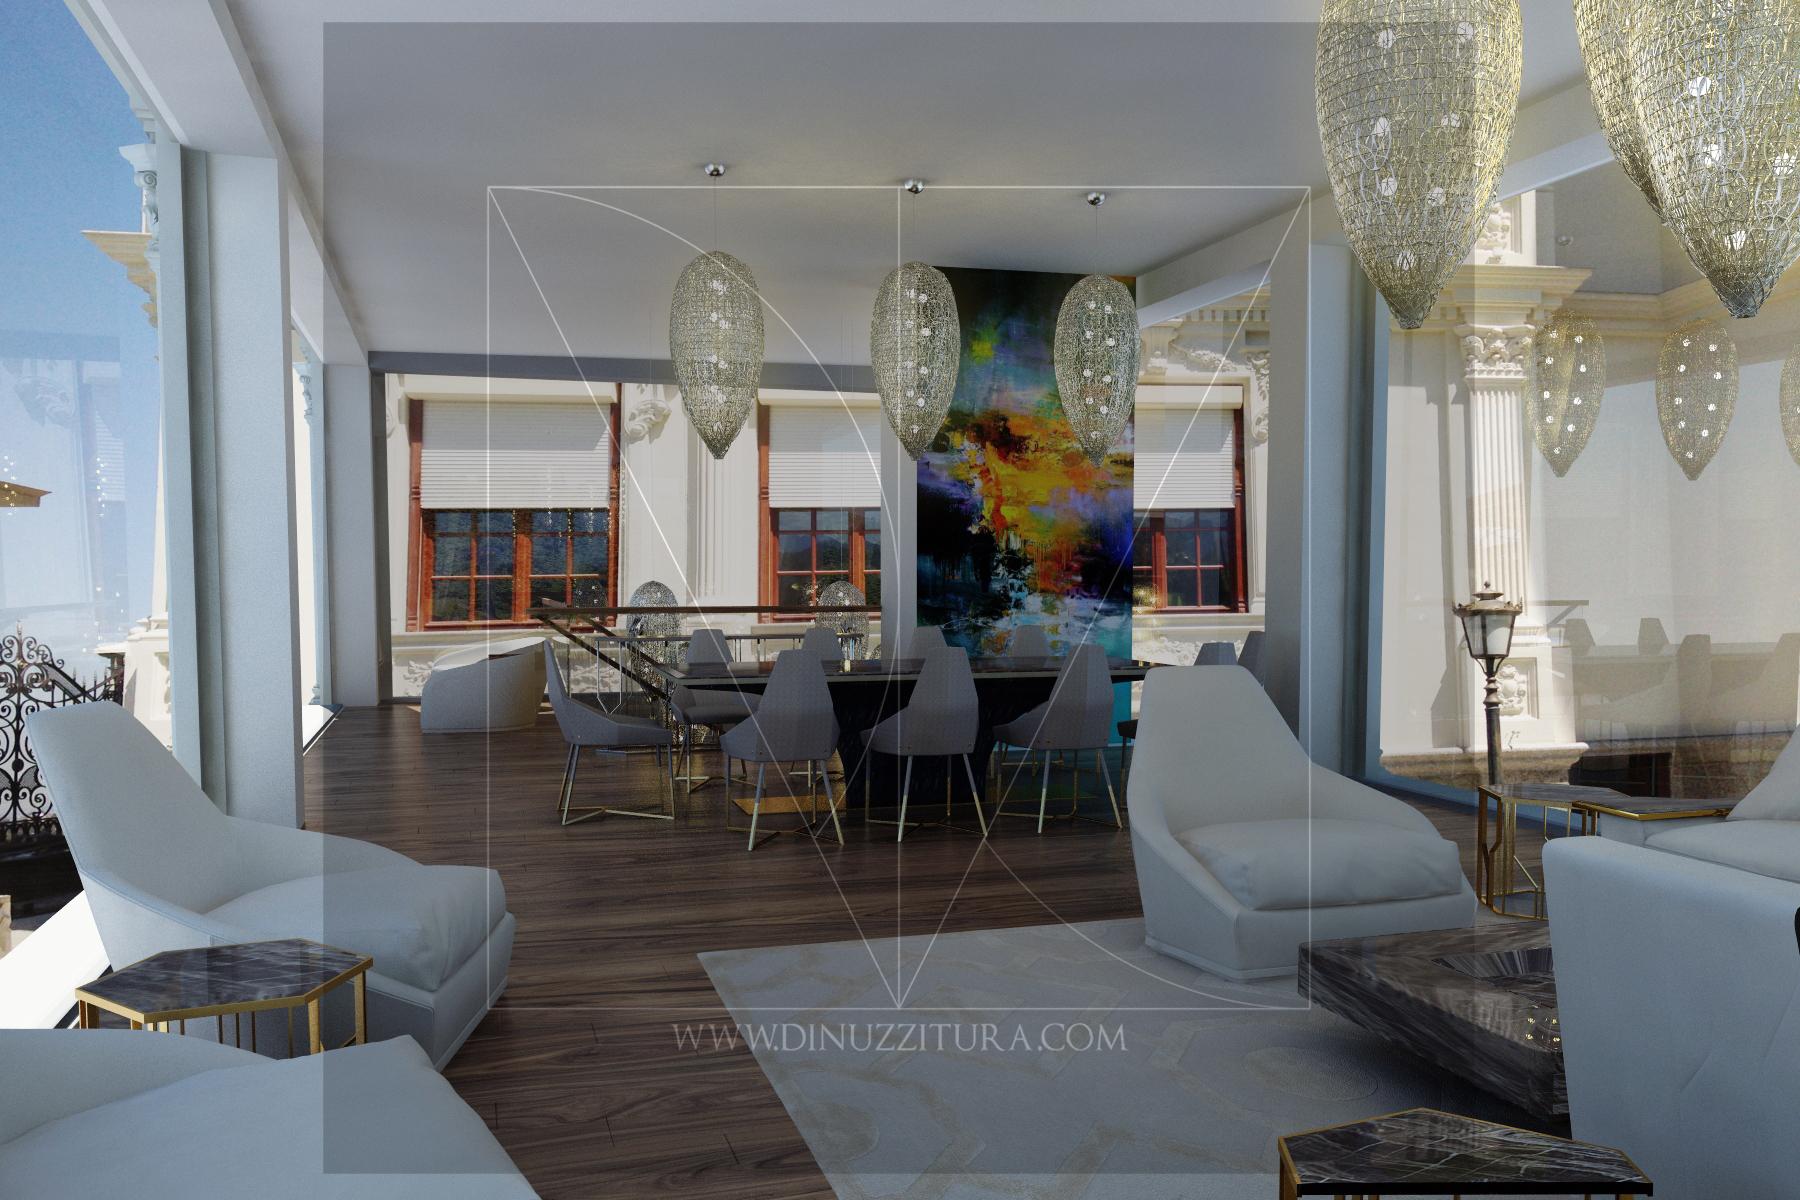 гостиная в стиле Lounge 2, дизайн ин